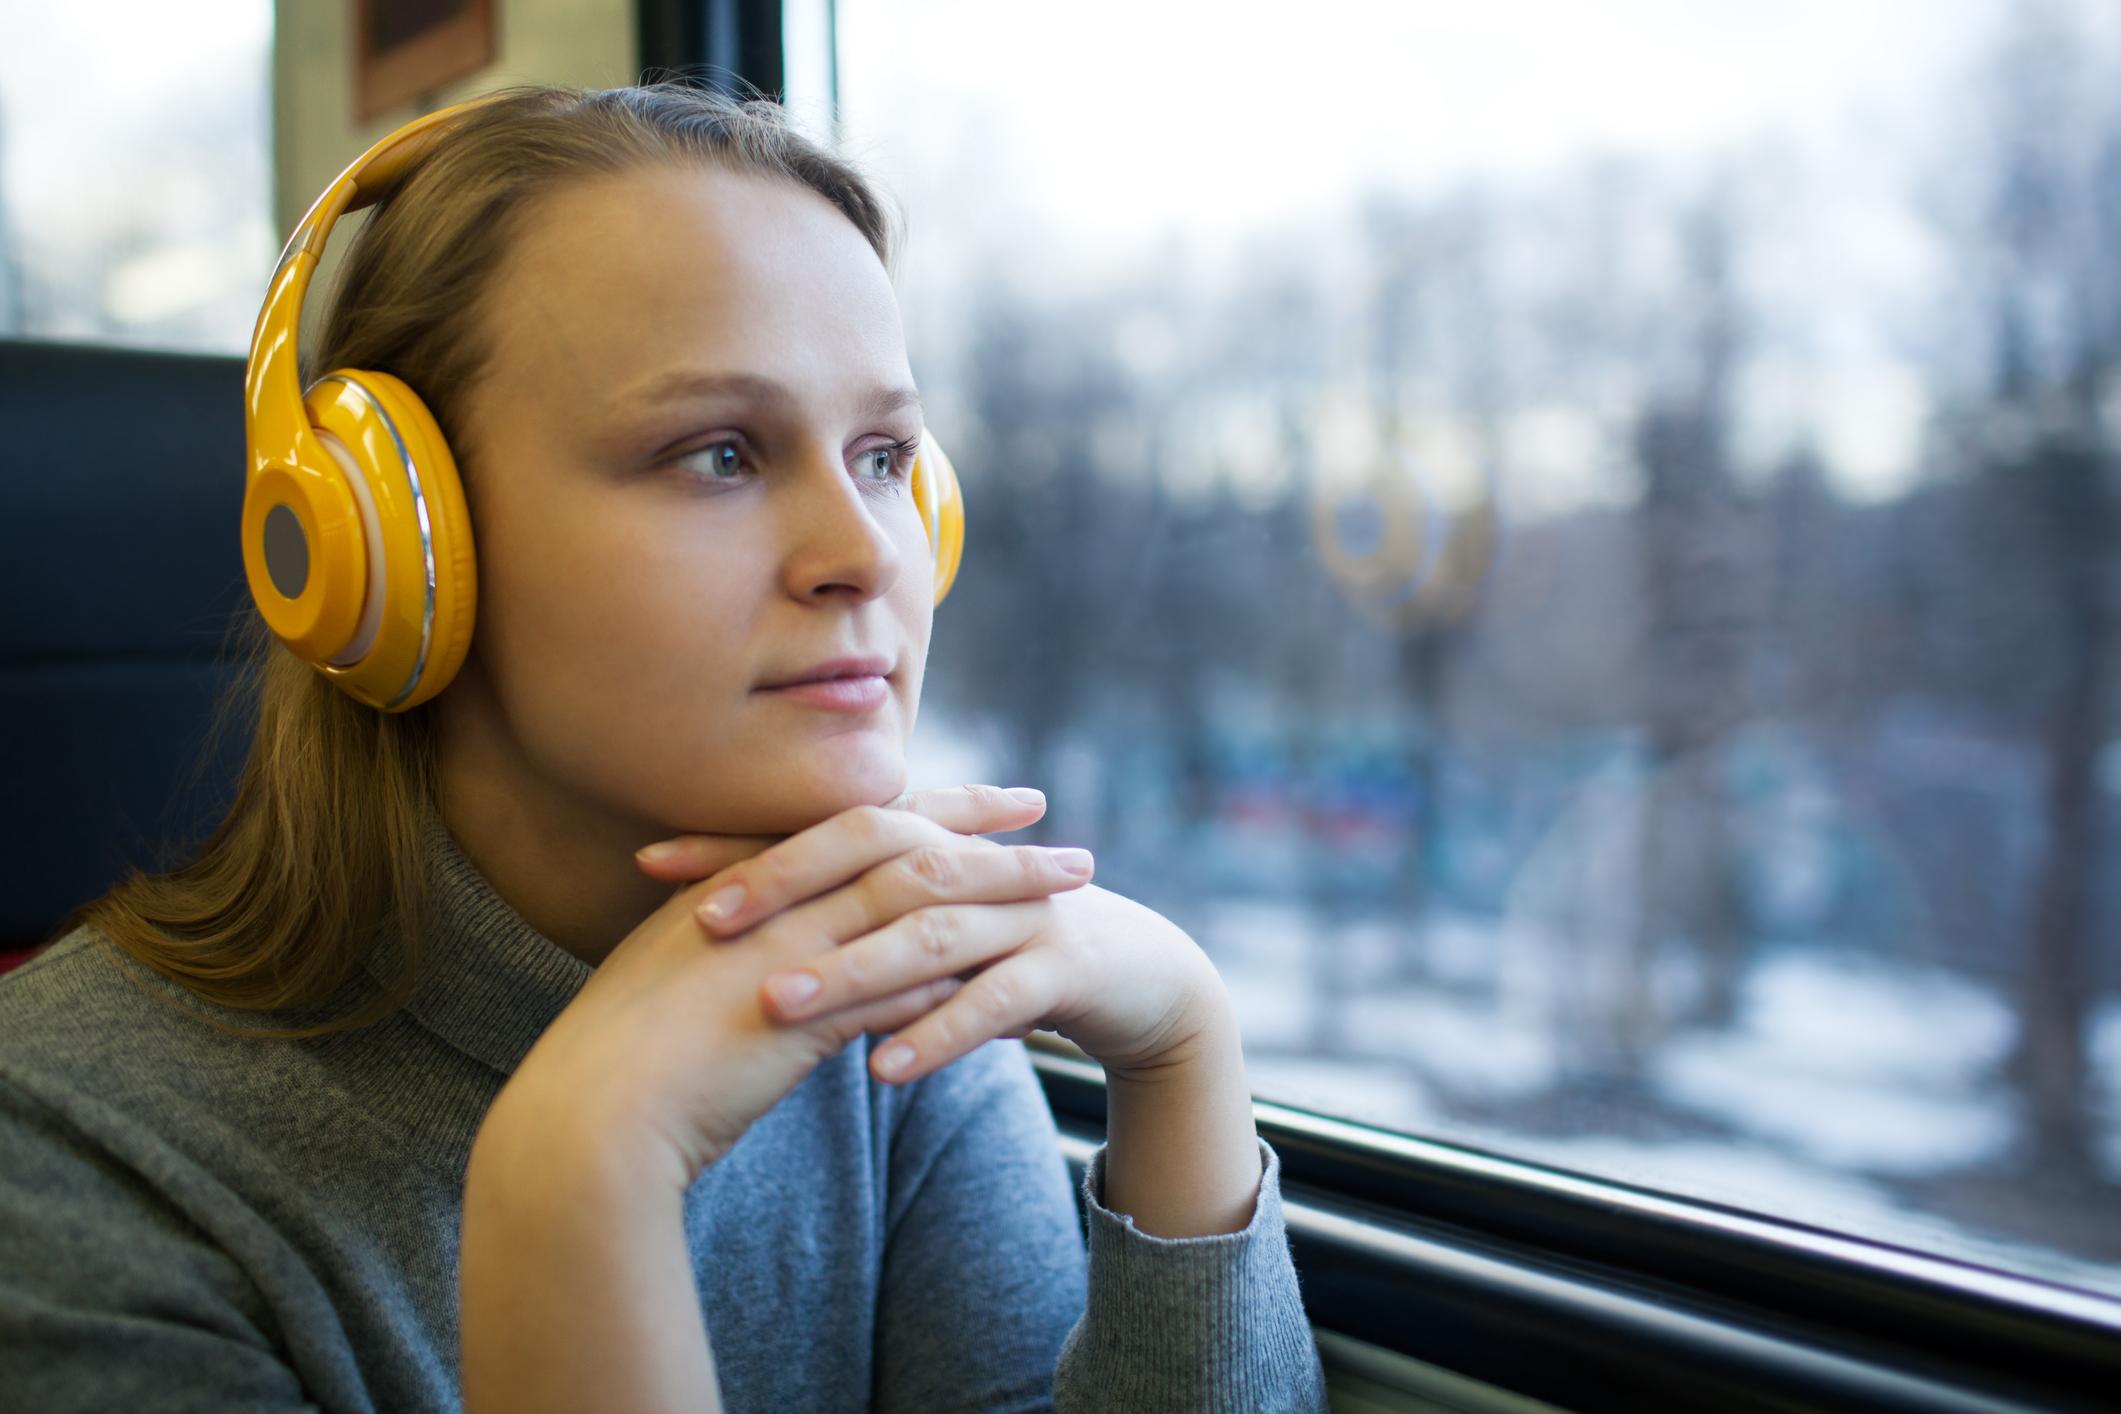 Ung kvinna ser ut genom tågfönster.